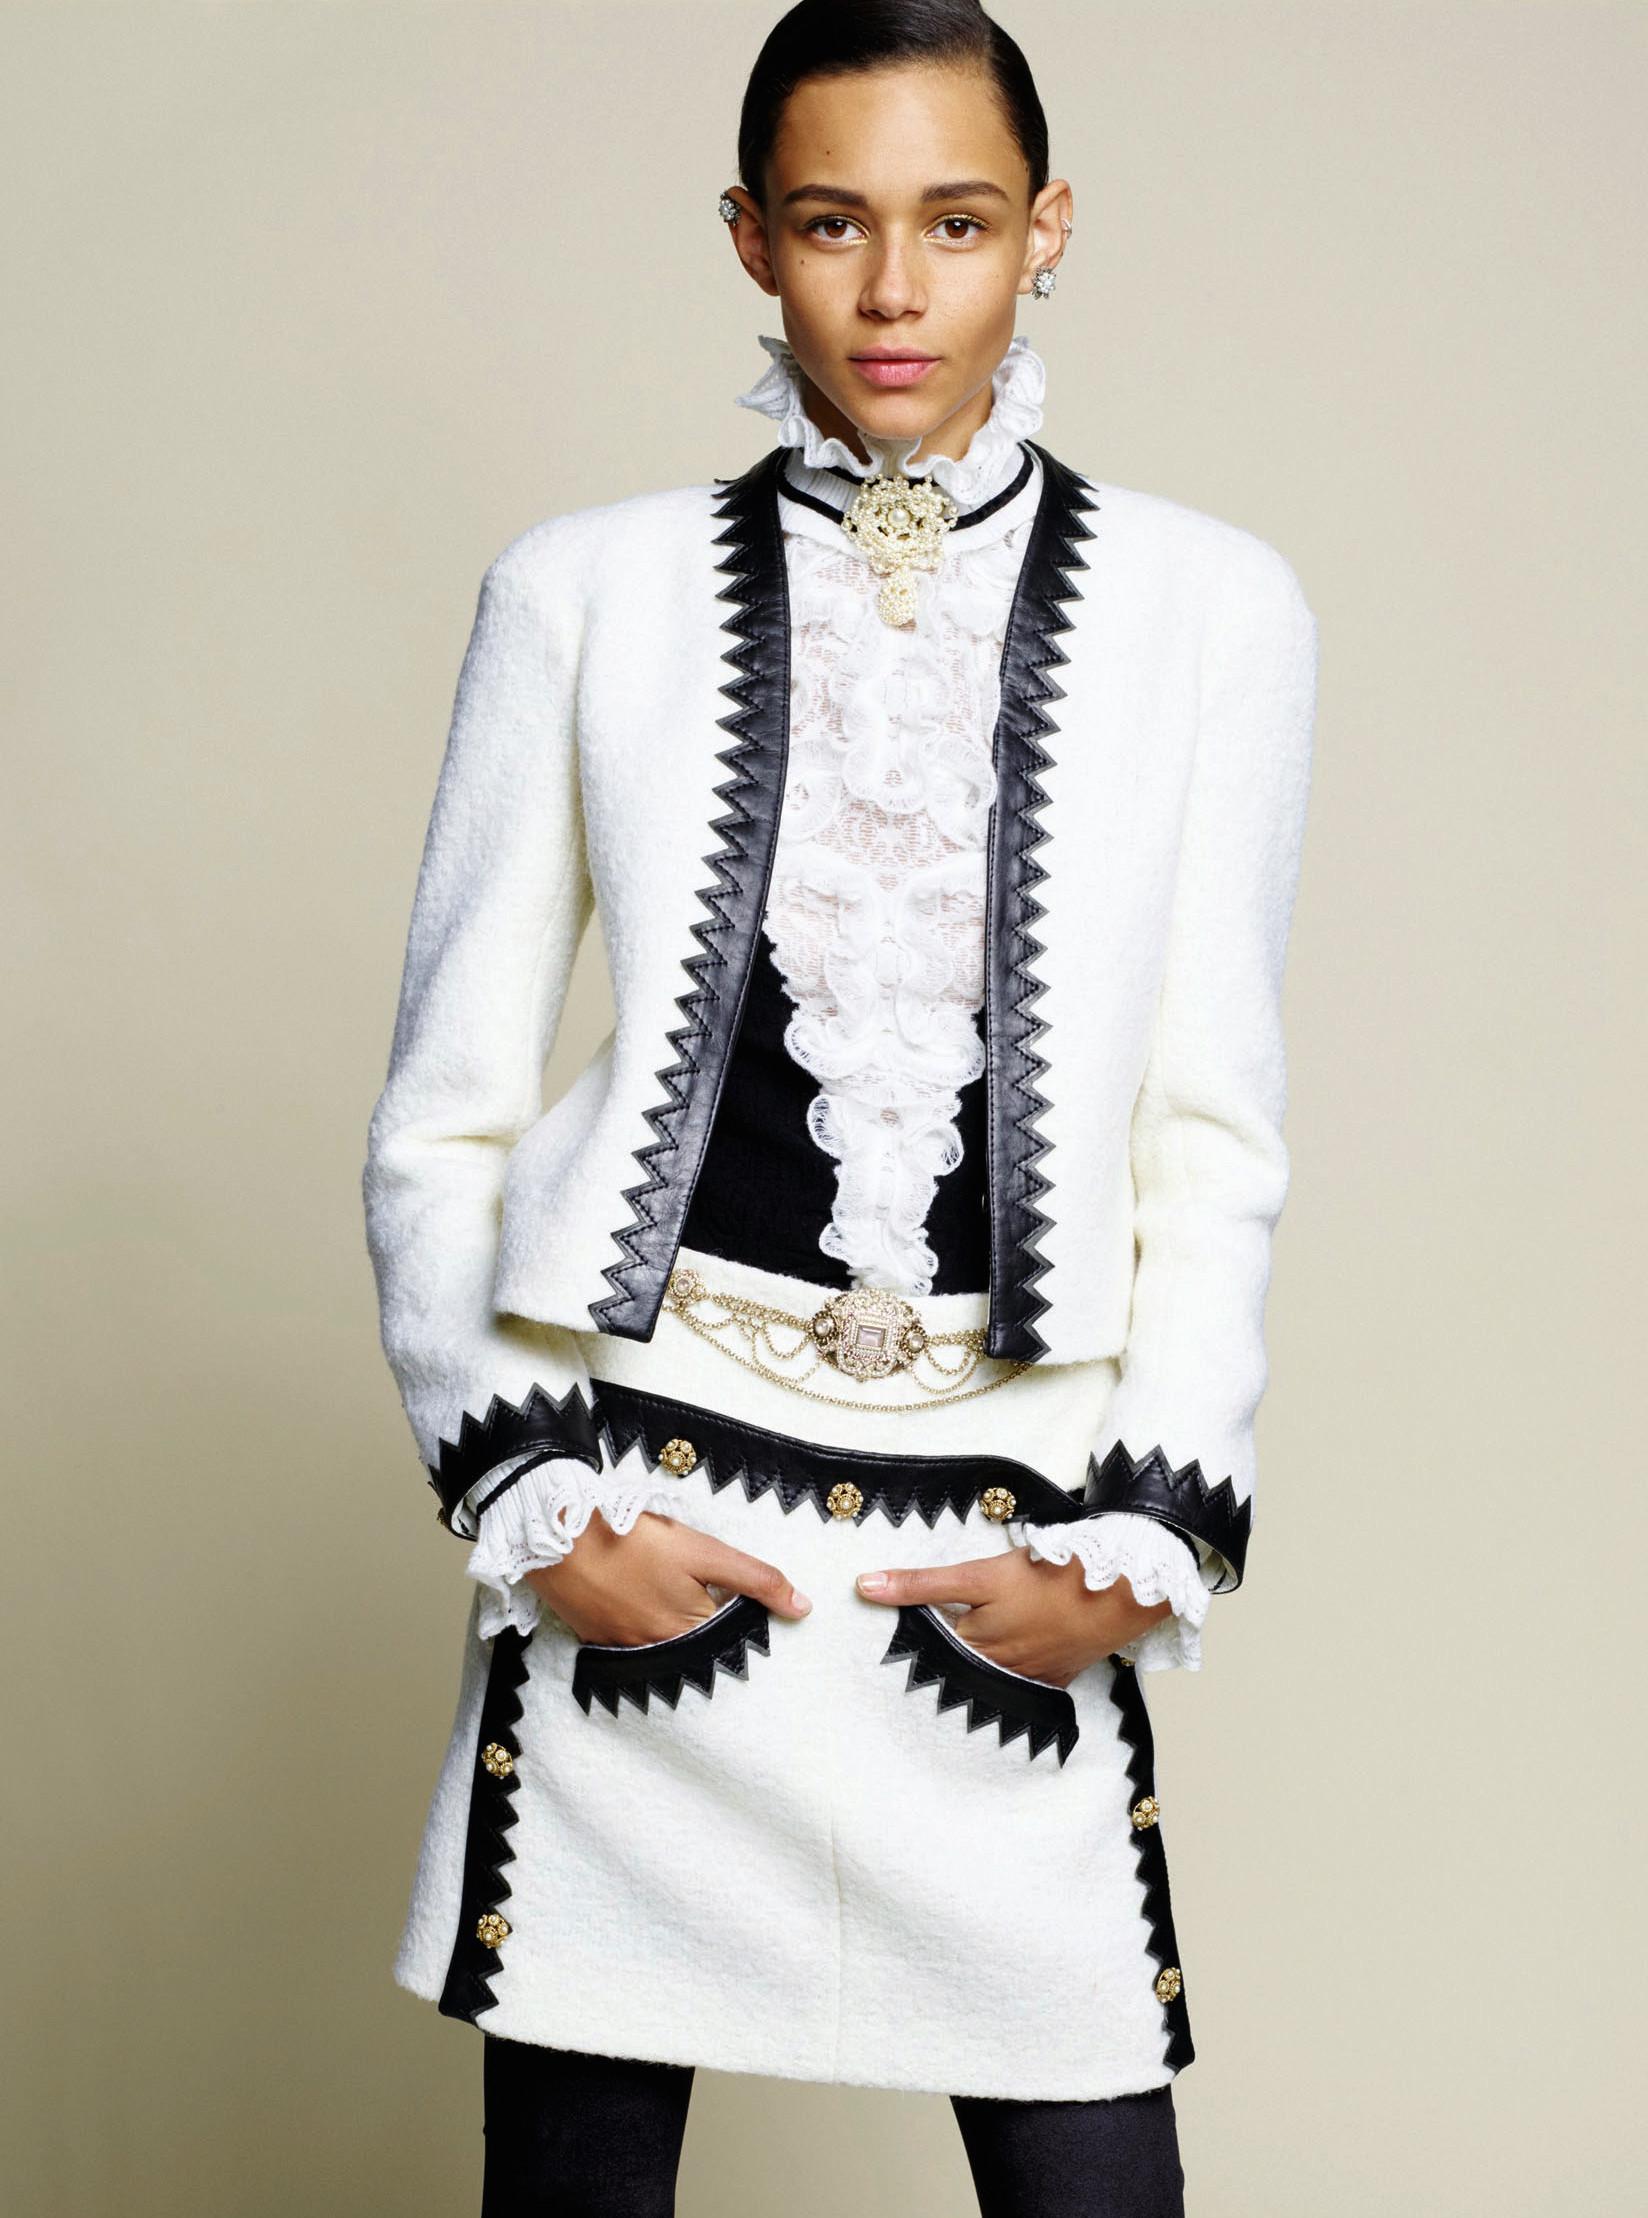 Salzburgo, vida (y mito) de Coco Chanel   Actualidad, Moda   S Moda ...